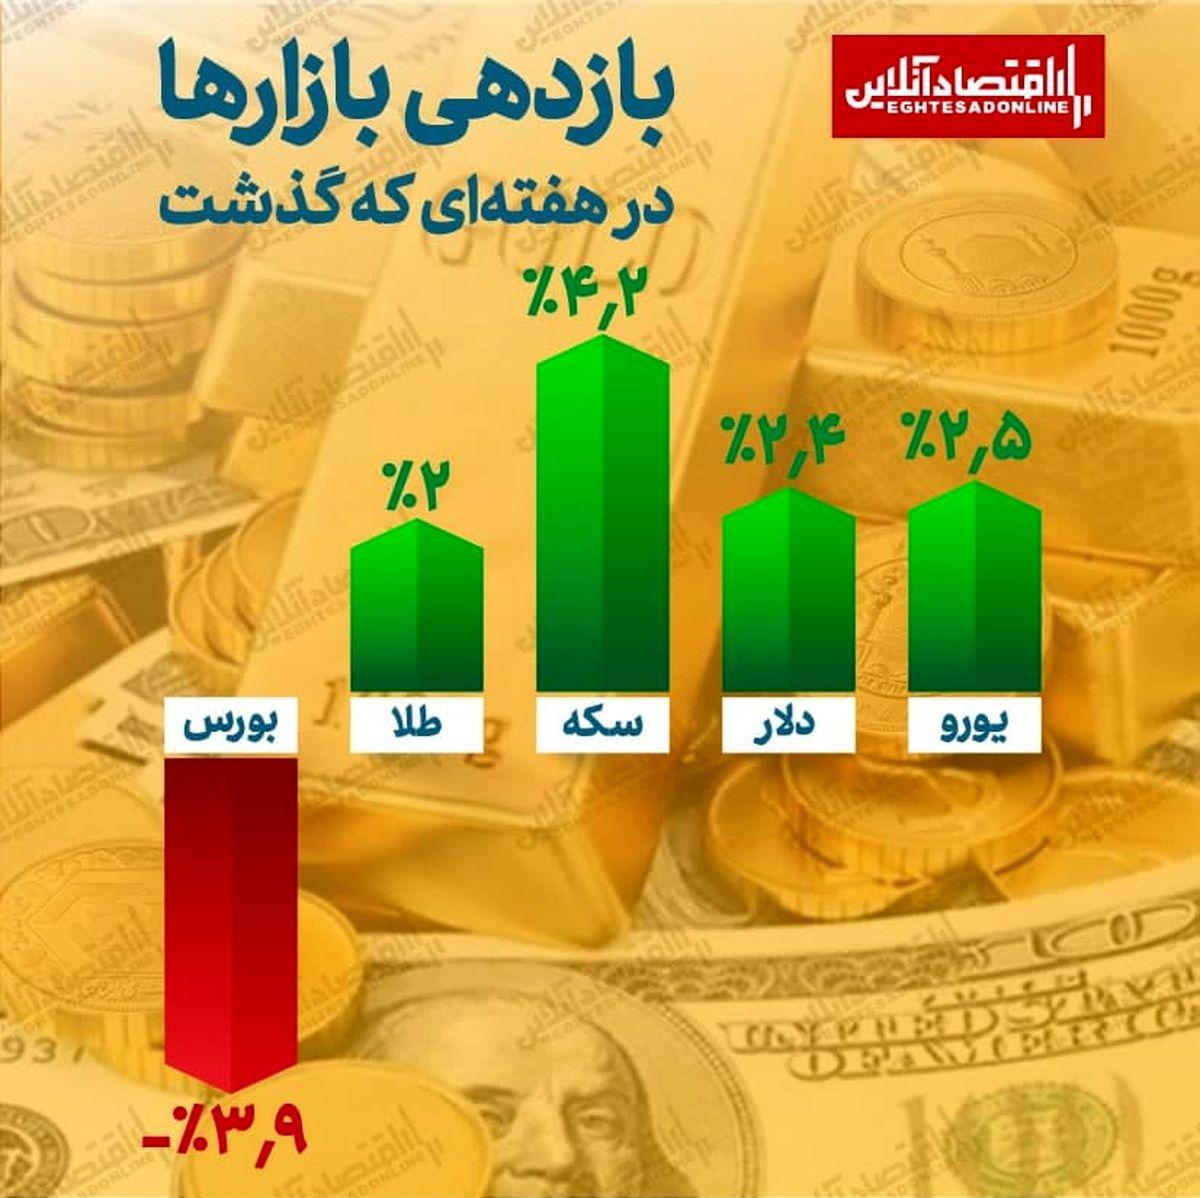 بورس تنها بازار منفی هفته اول خرداد / بیشترین بازدهی برای خریداران سکه